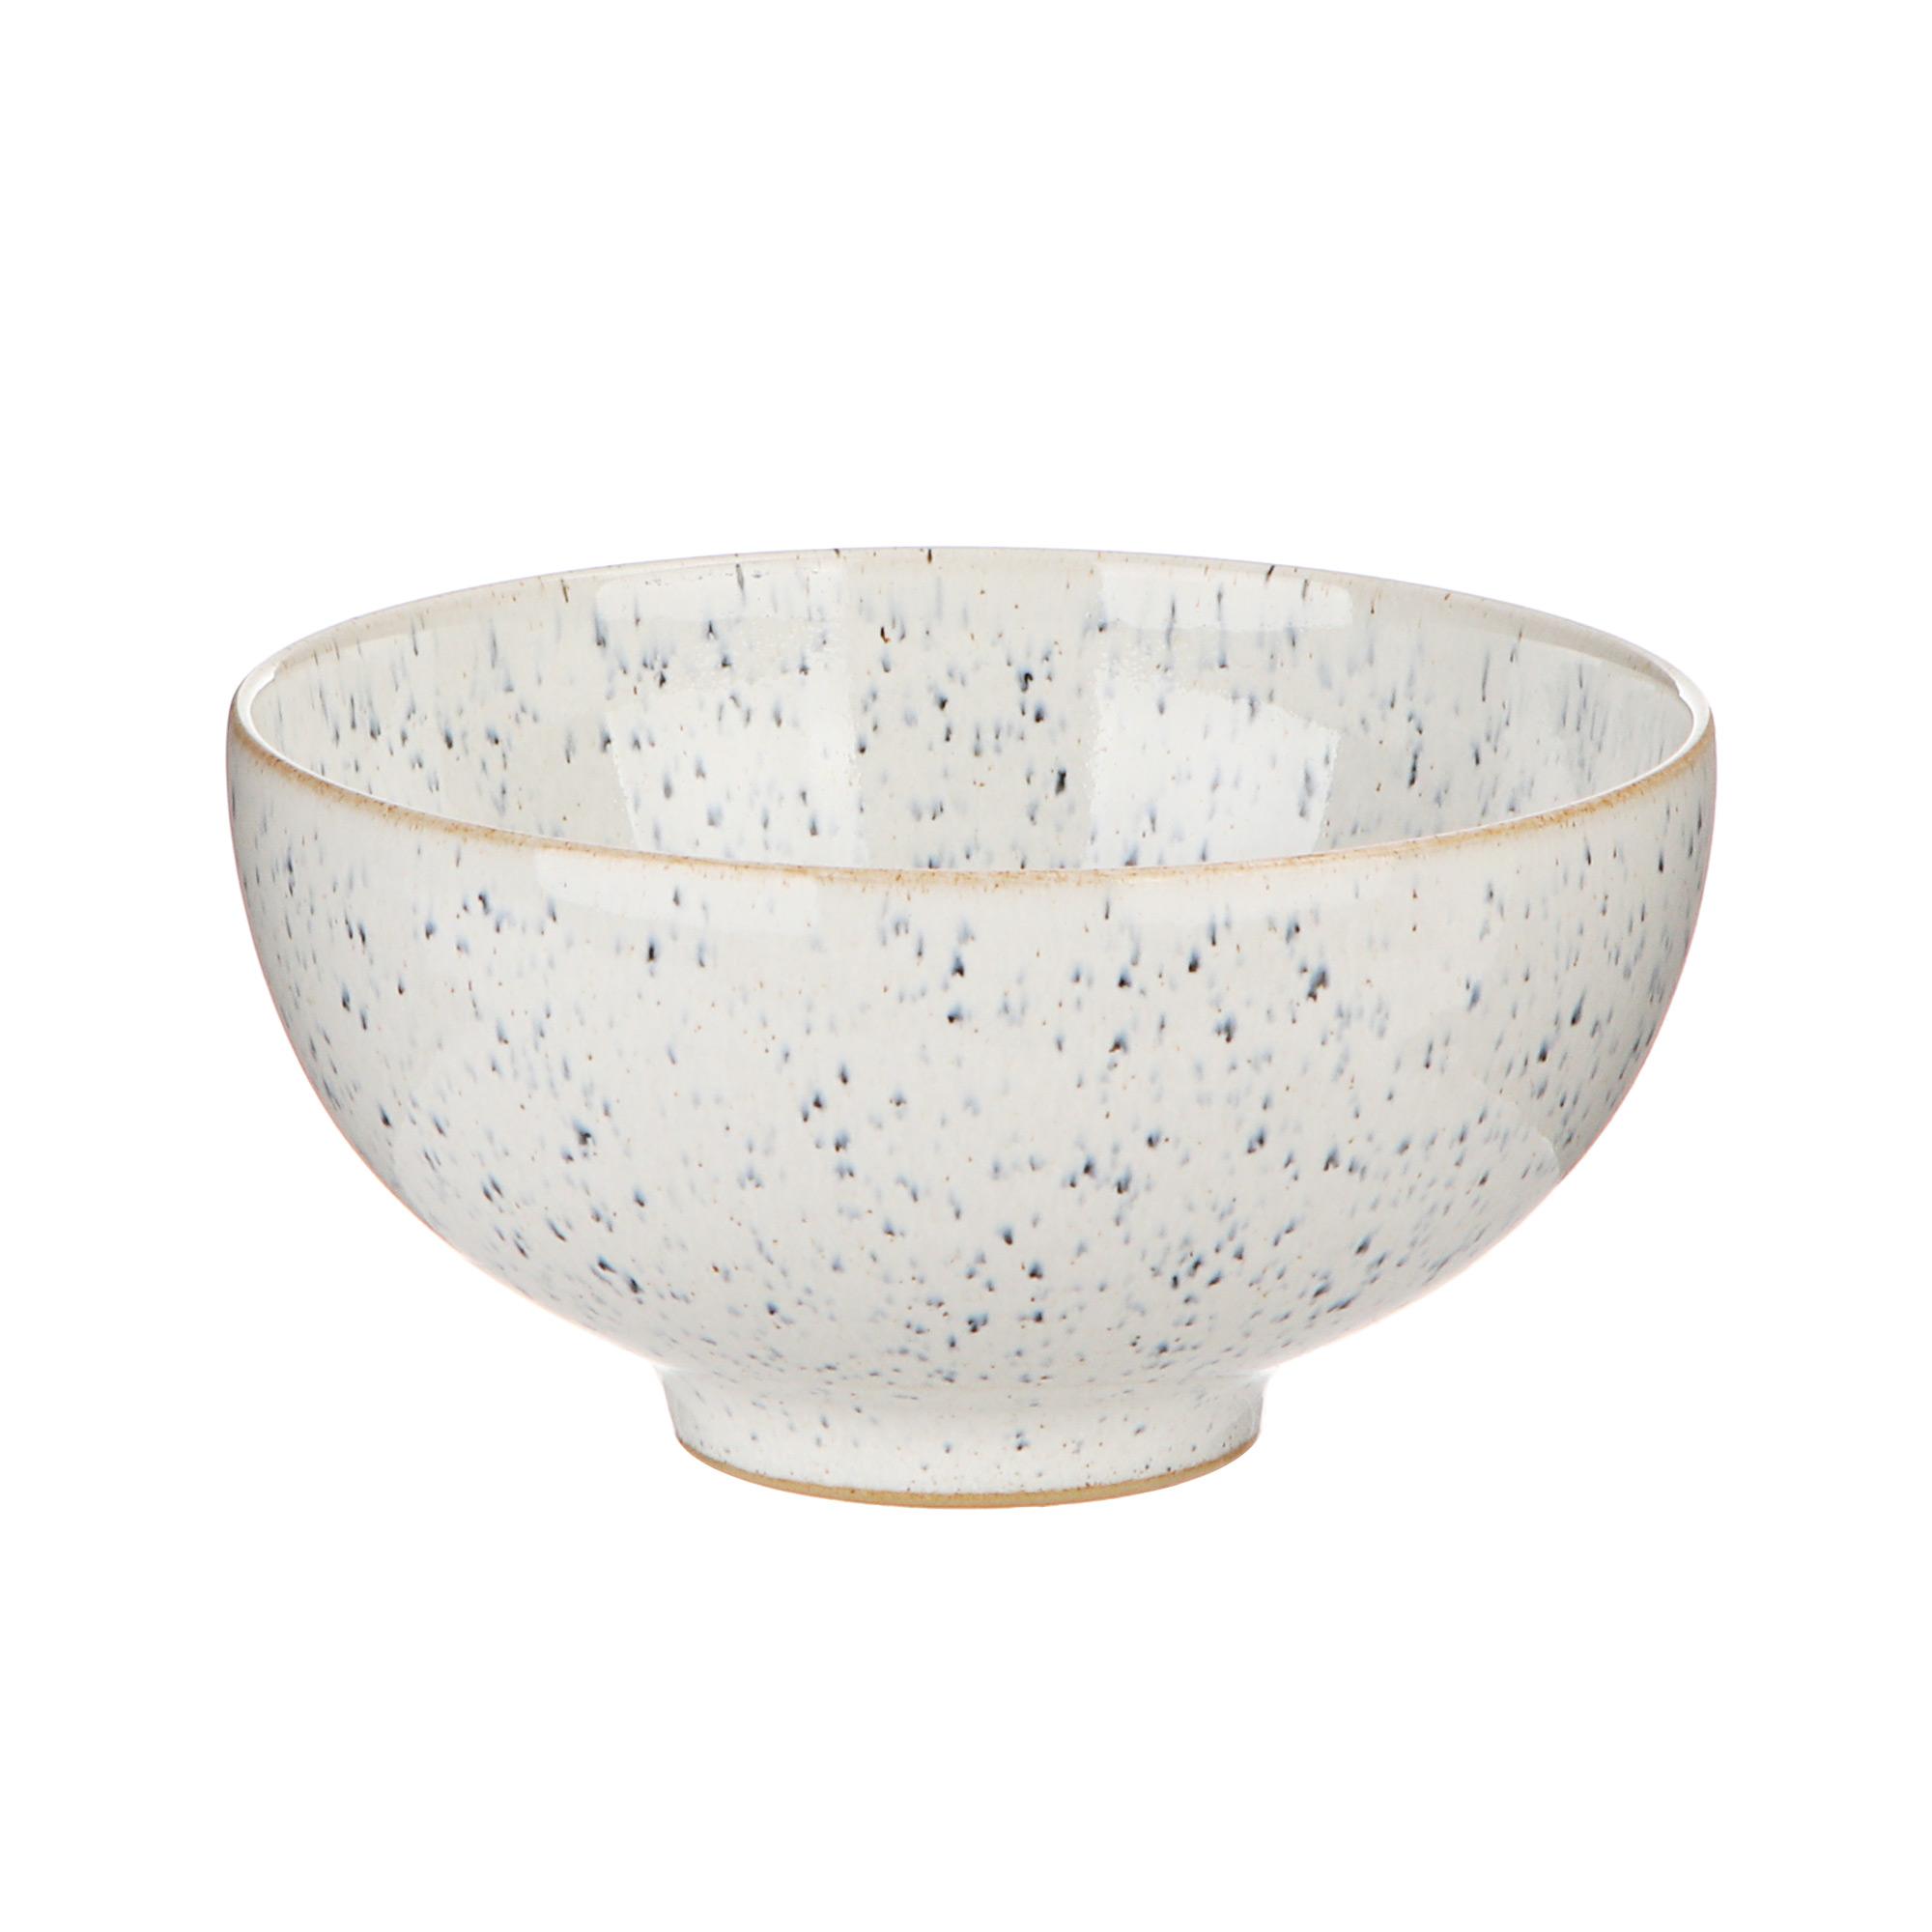 Фото - Чаша для риса Denby Studio Blue 13 см чаша для риса denby studio craft 13 см